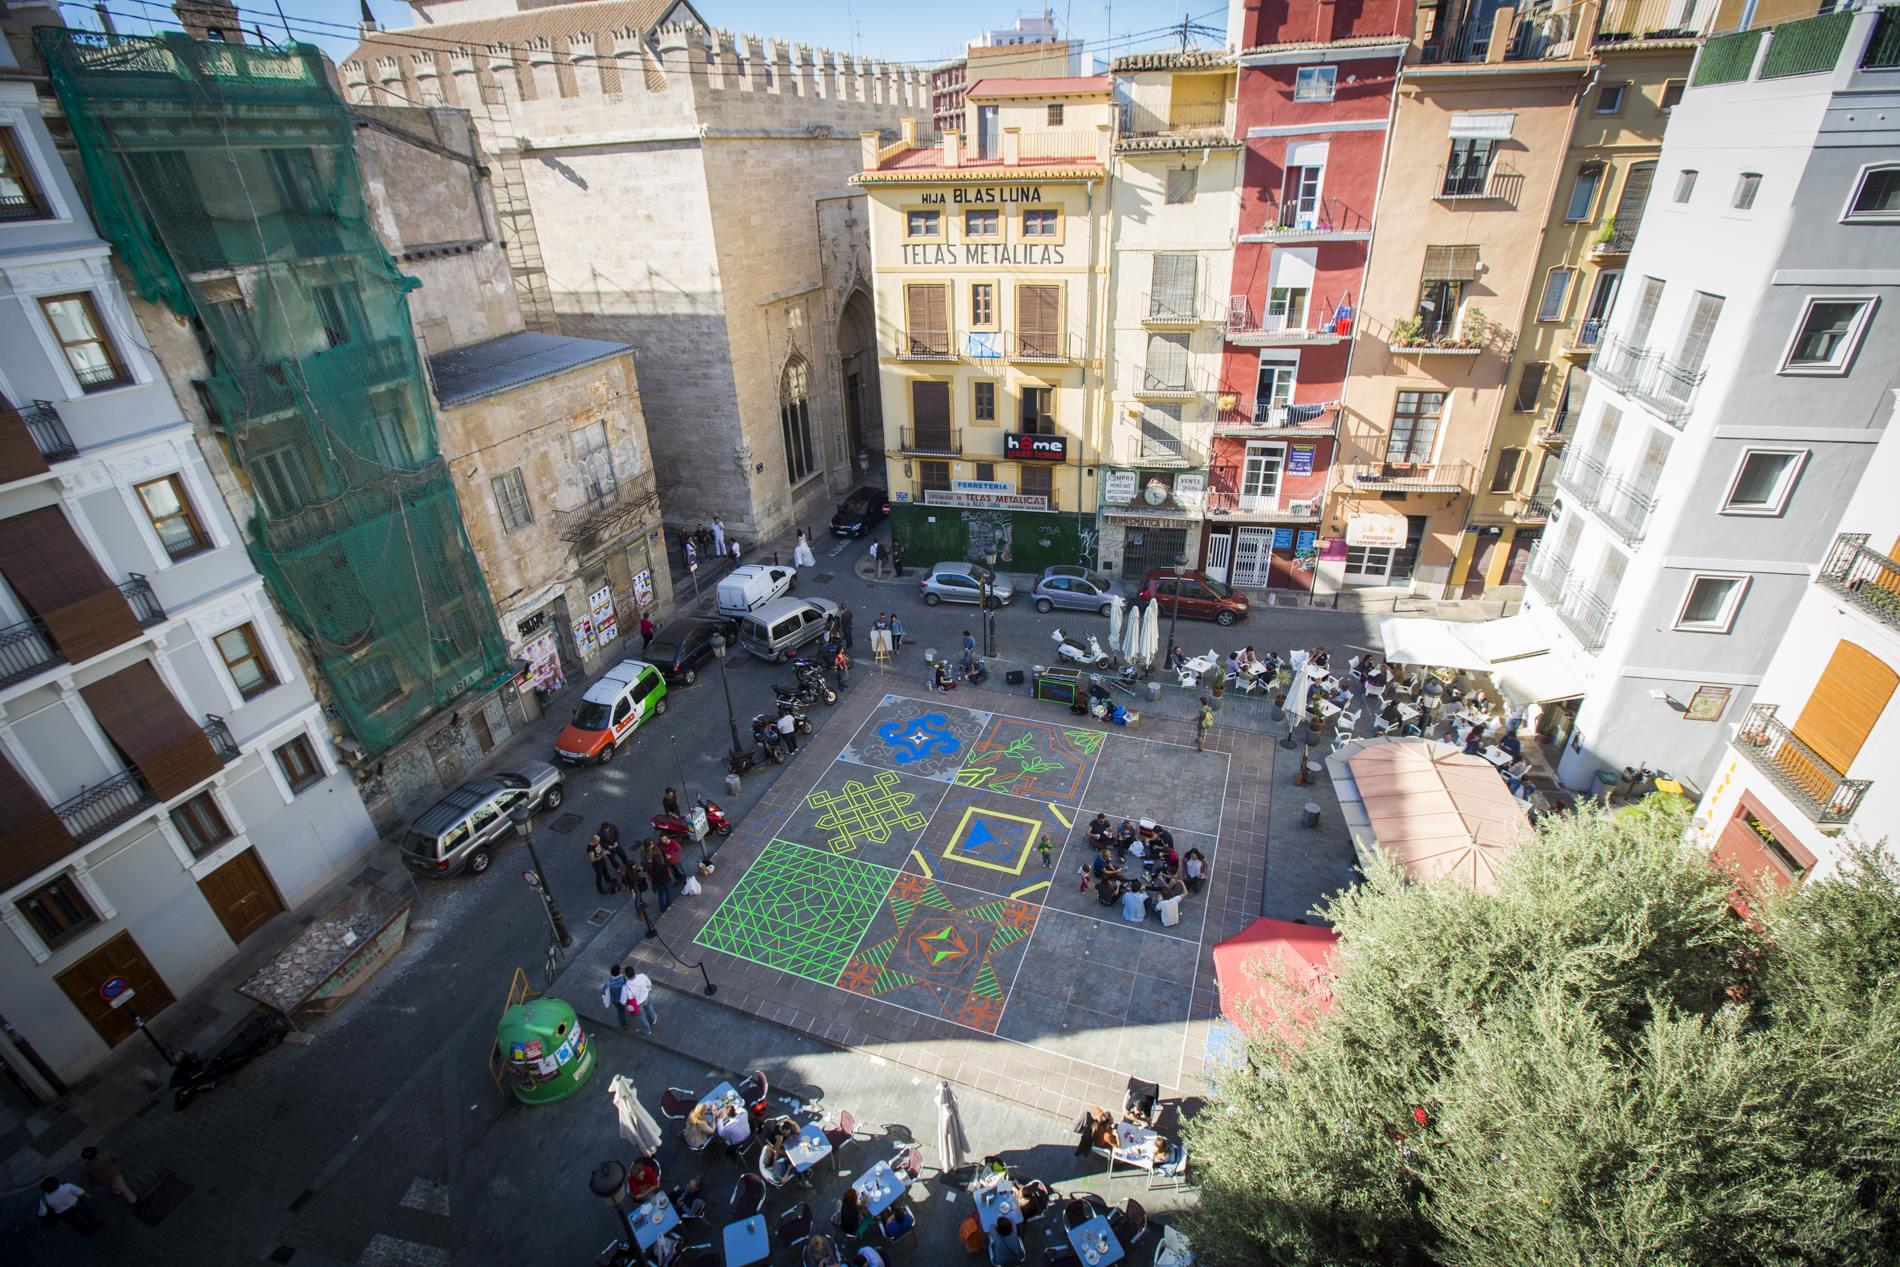 El joven Colectivo TAV hace de las plazas una obra de arte en sí misma.